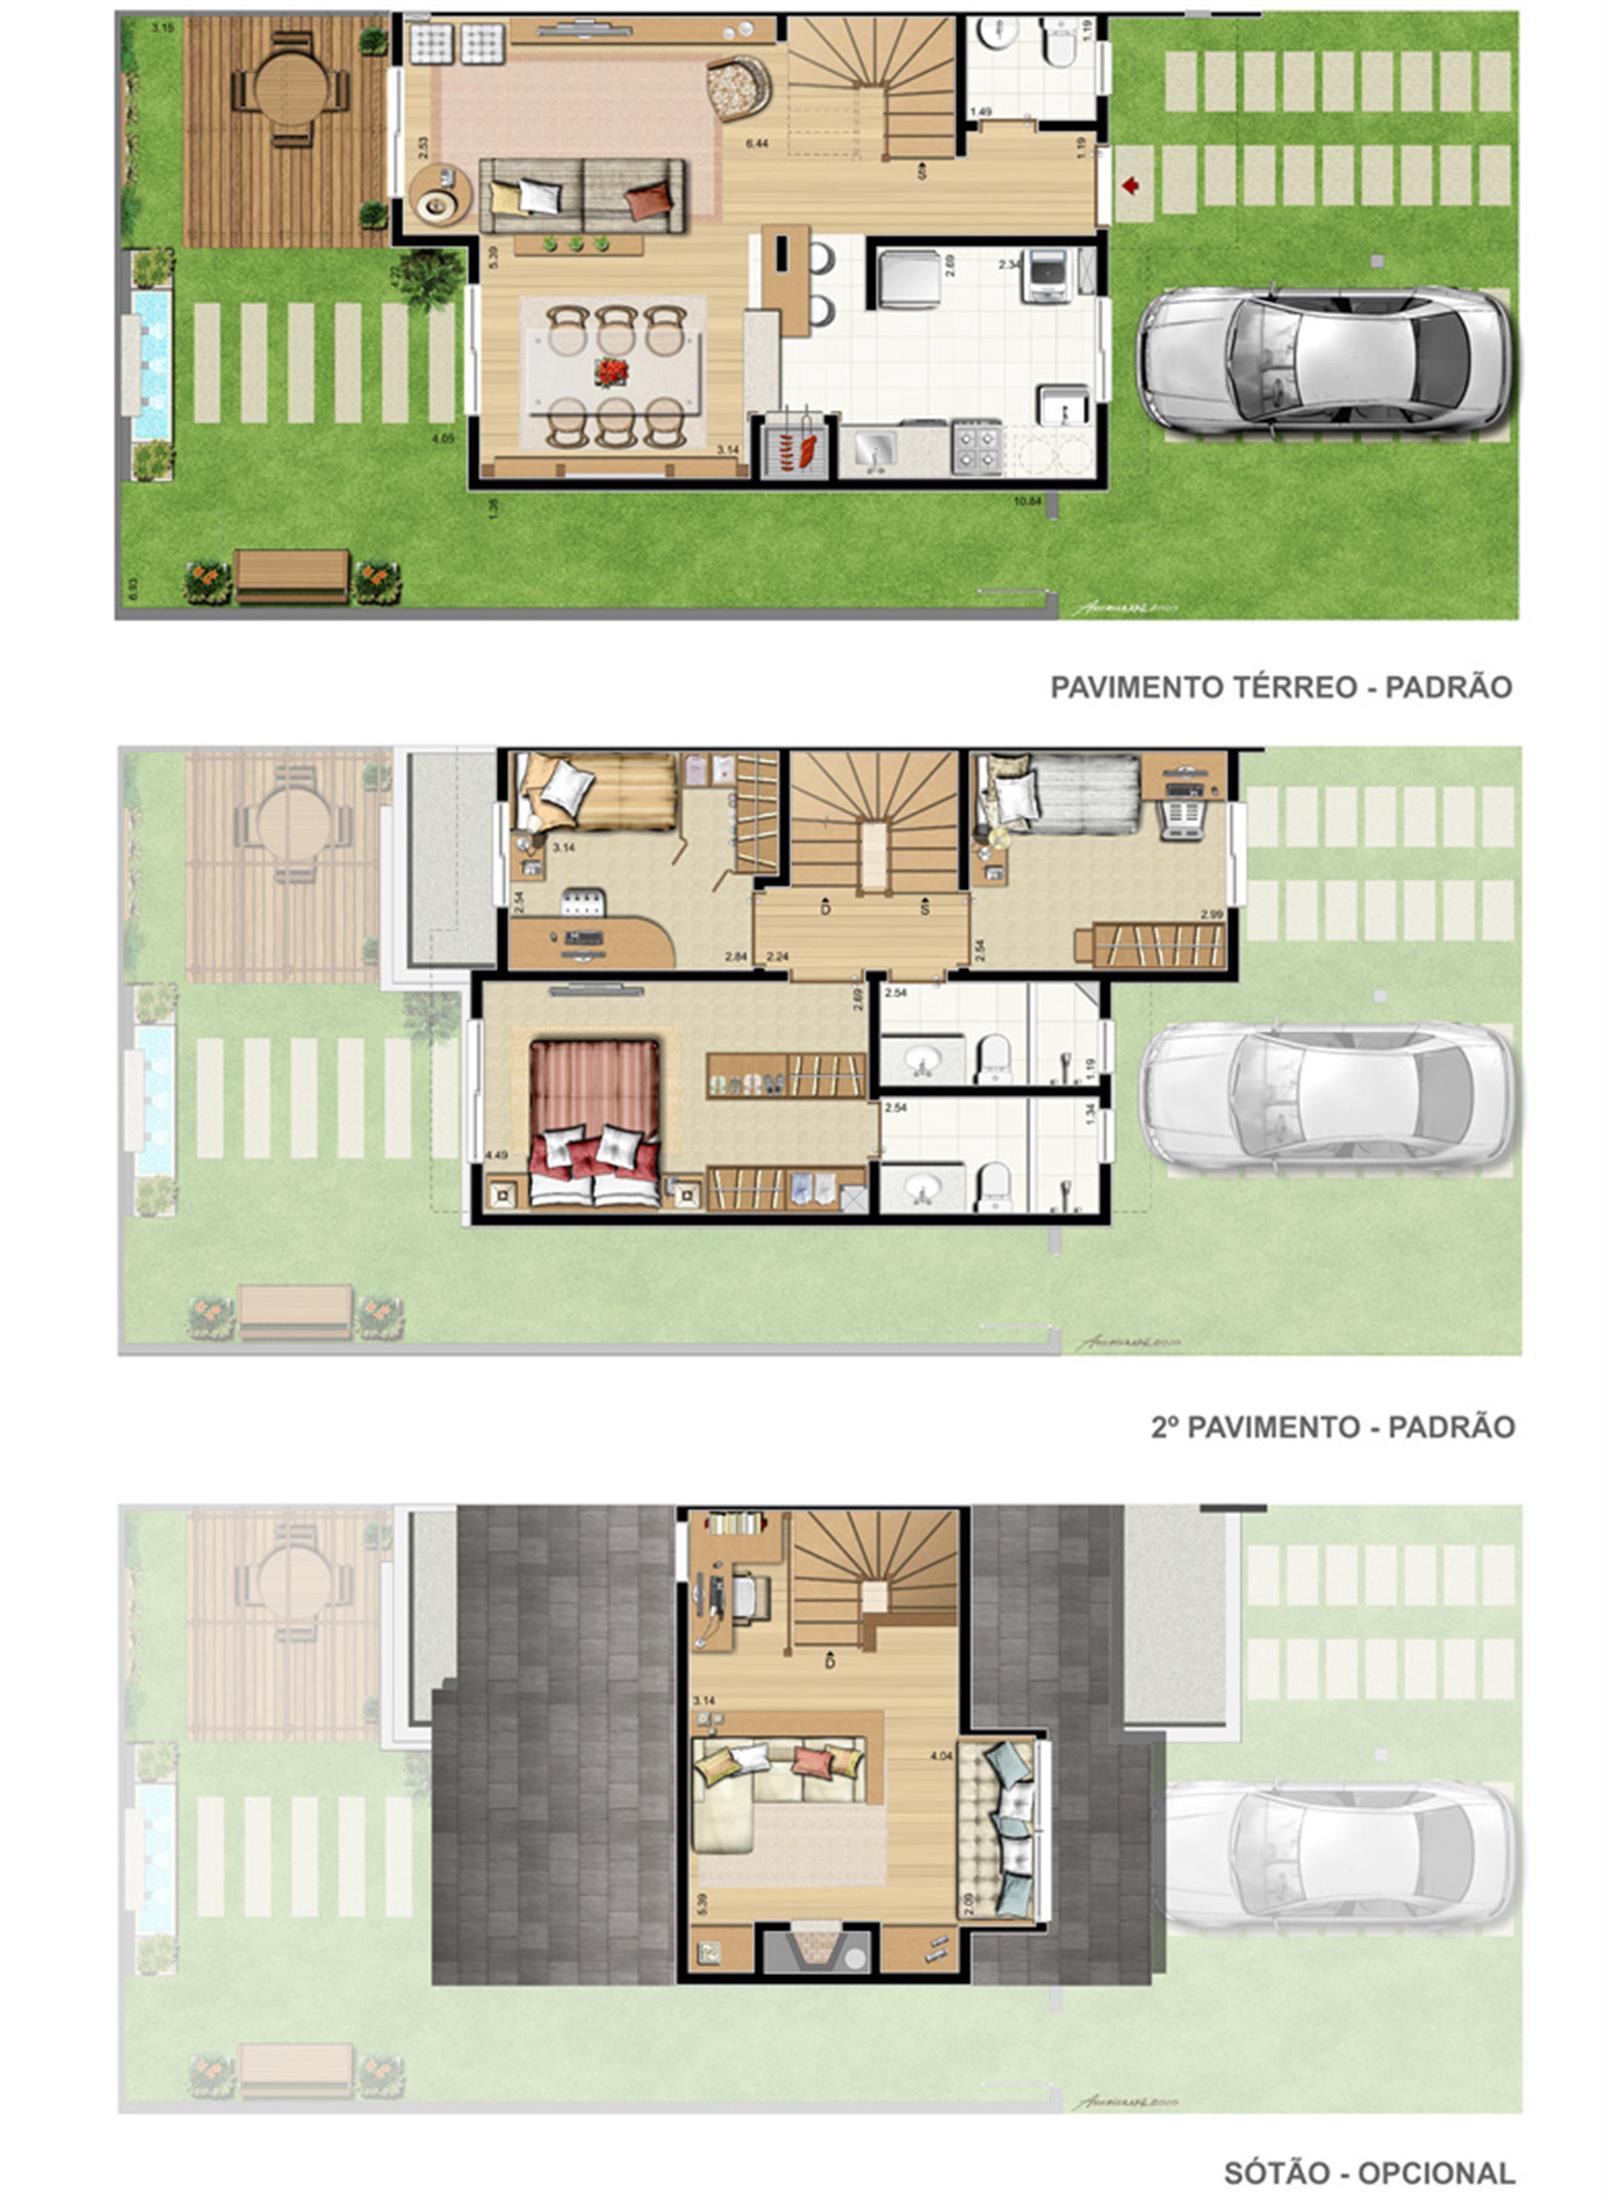 Casa Provence   3 dorms. com suíte e opção de sotão.** 171 m² privativos* | Privilege Exclusive Houses – Casano  Canoas - Moinhos de Vento - Canoas - Rio Grande do Sul